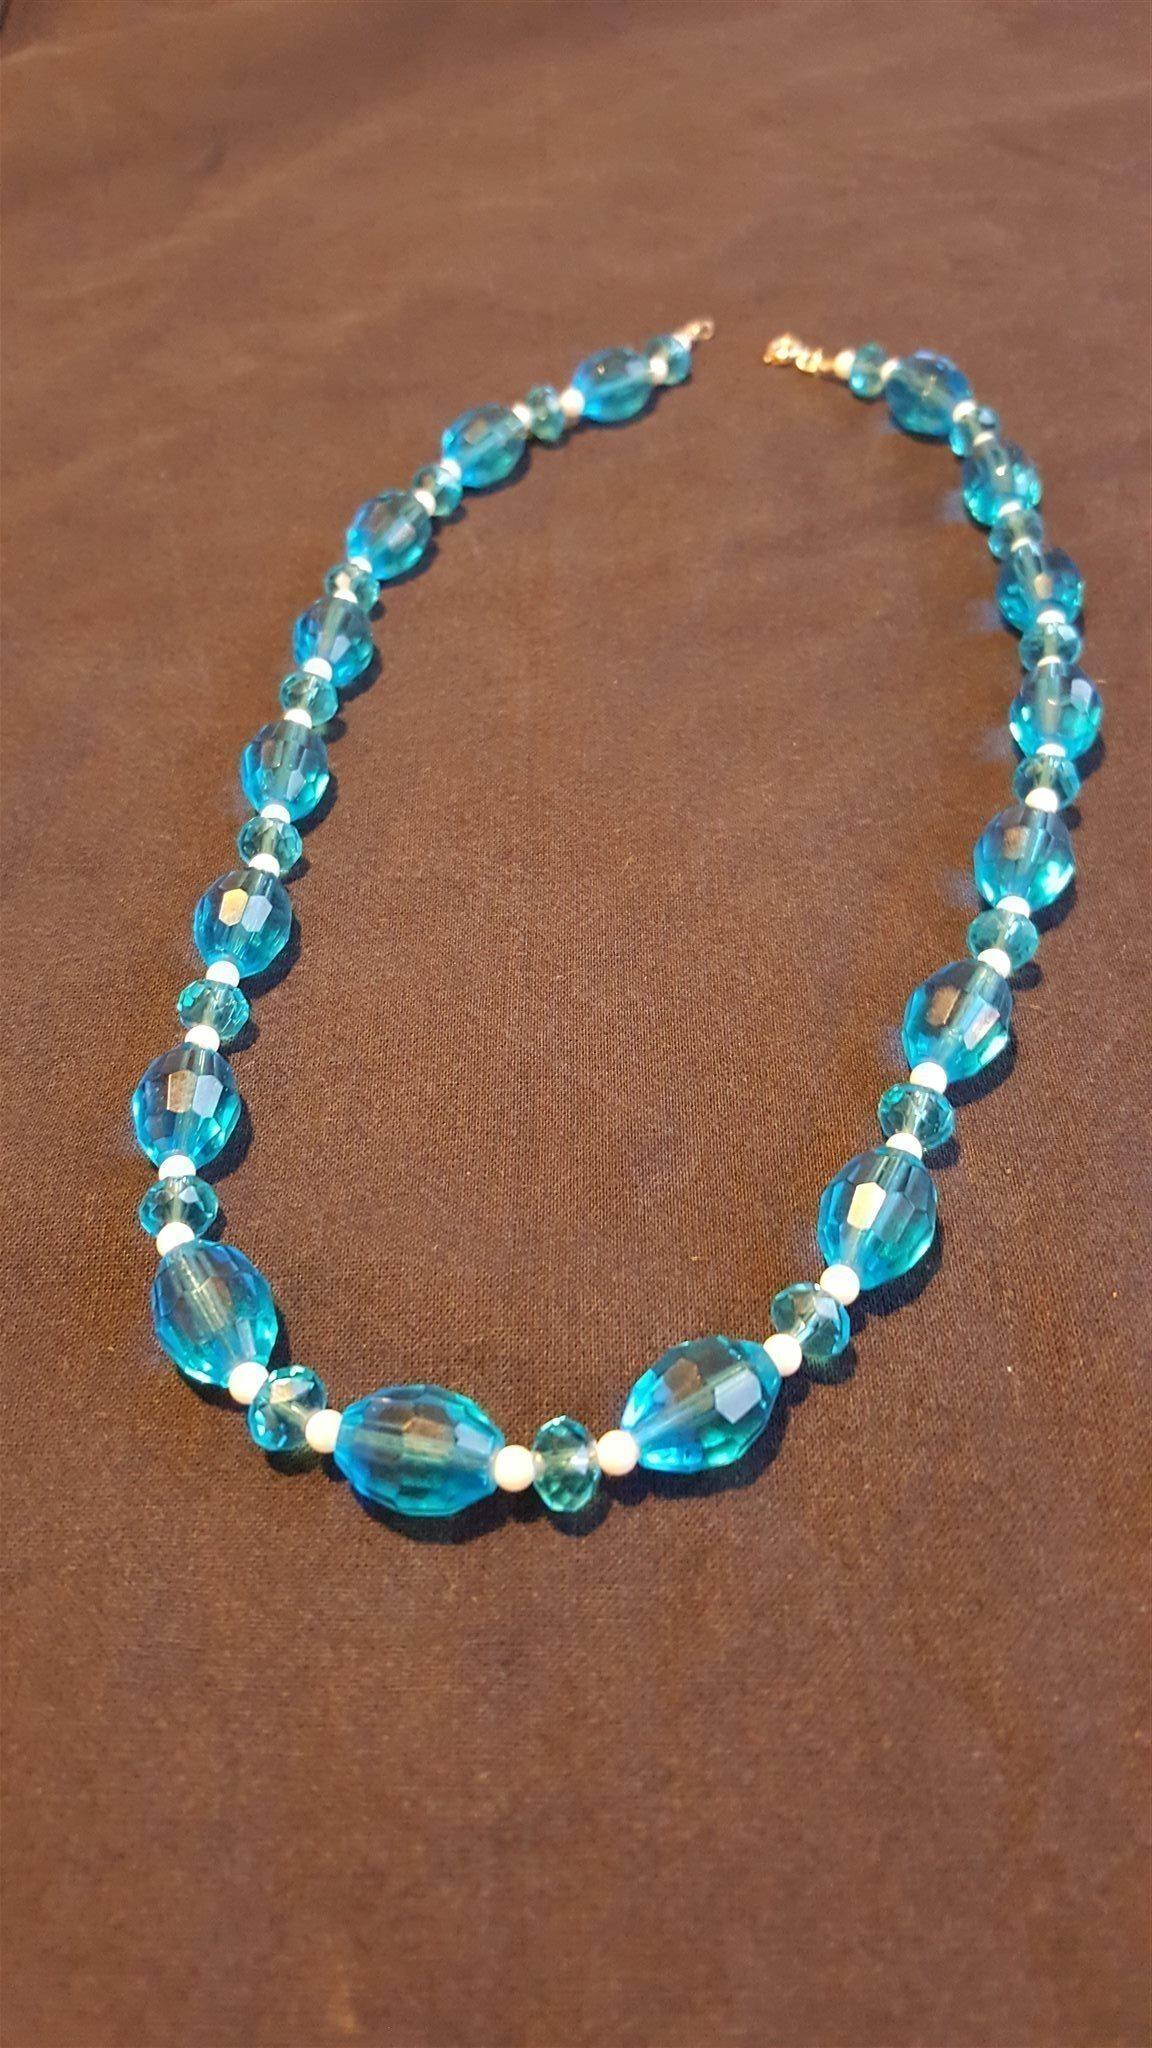 Halsband i turkosa toner (342324049) ᐈ Köp på Tradera 013949988df56